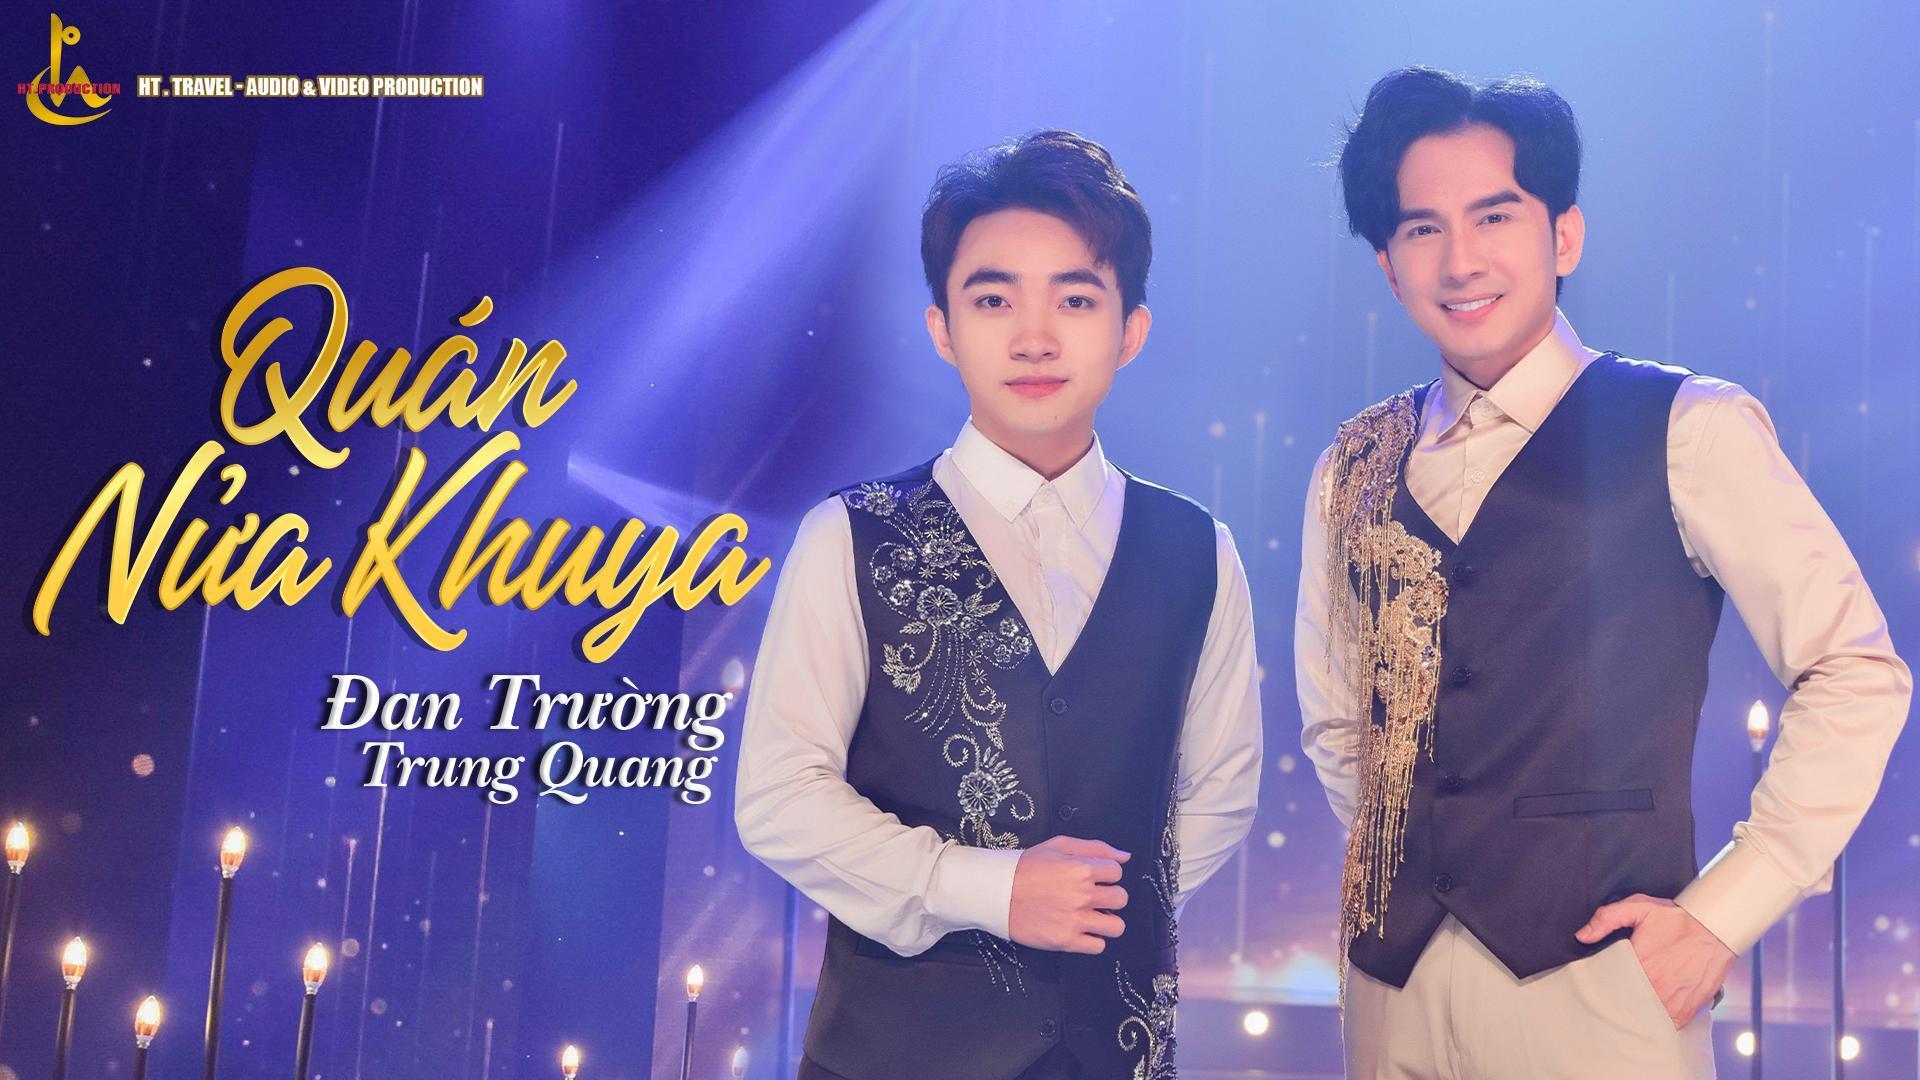 3. Dan Truong - Trung Quang (7)